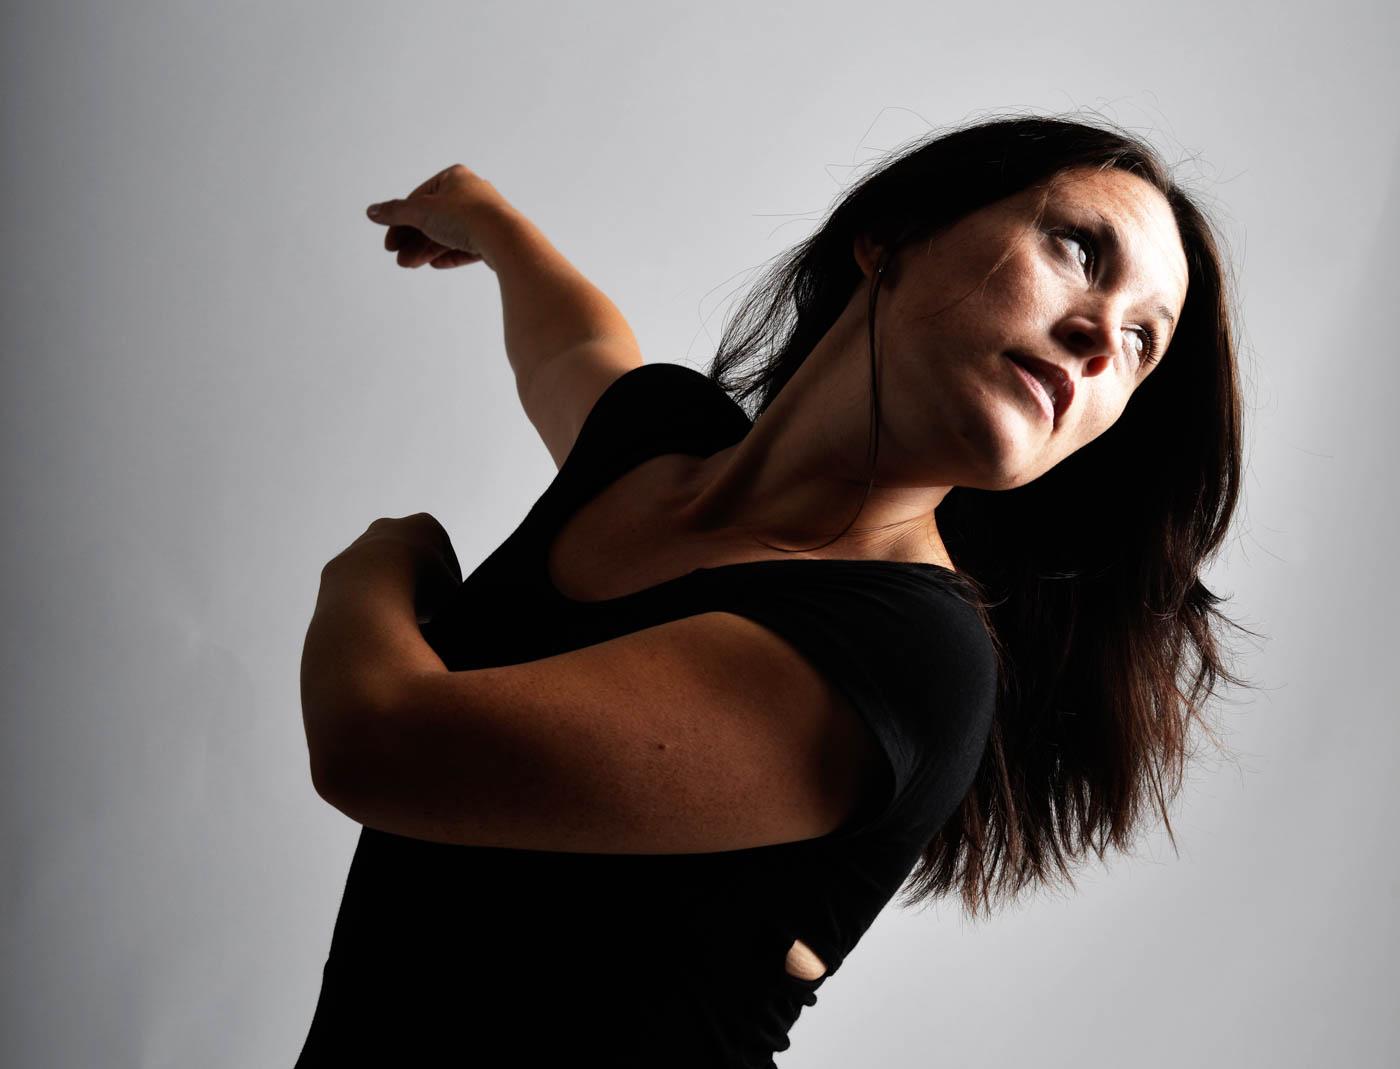 fotografija: matjaž venzel